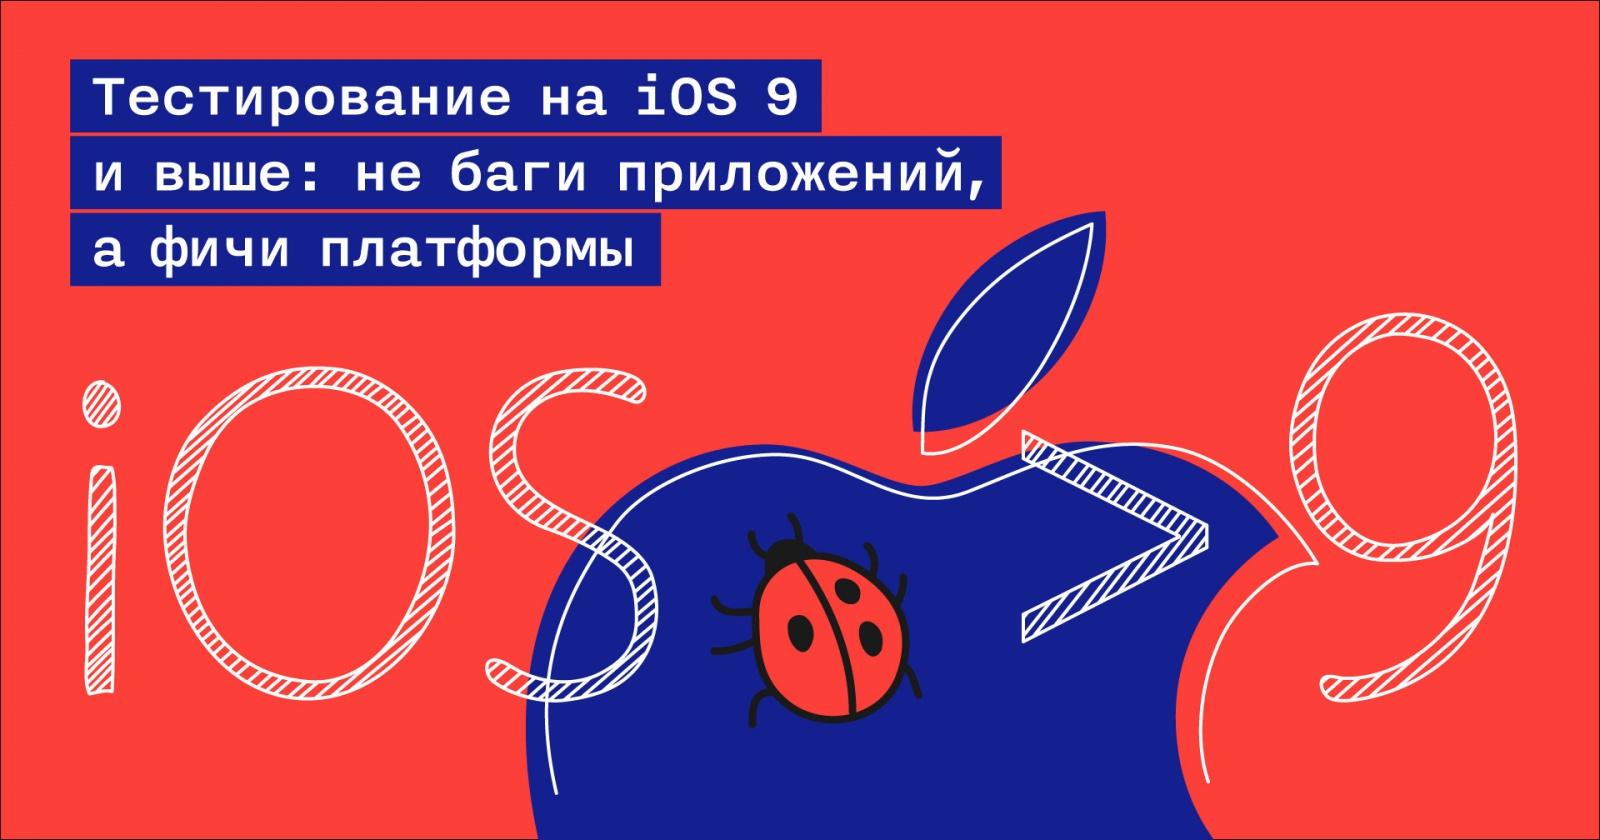 Тестирование на iOS 9 и выше: не баги приложений, а фичи платформы - 1